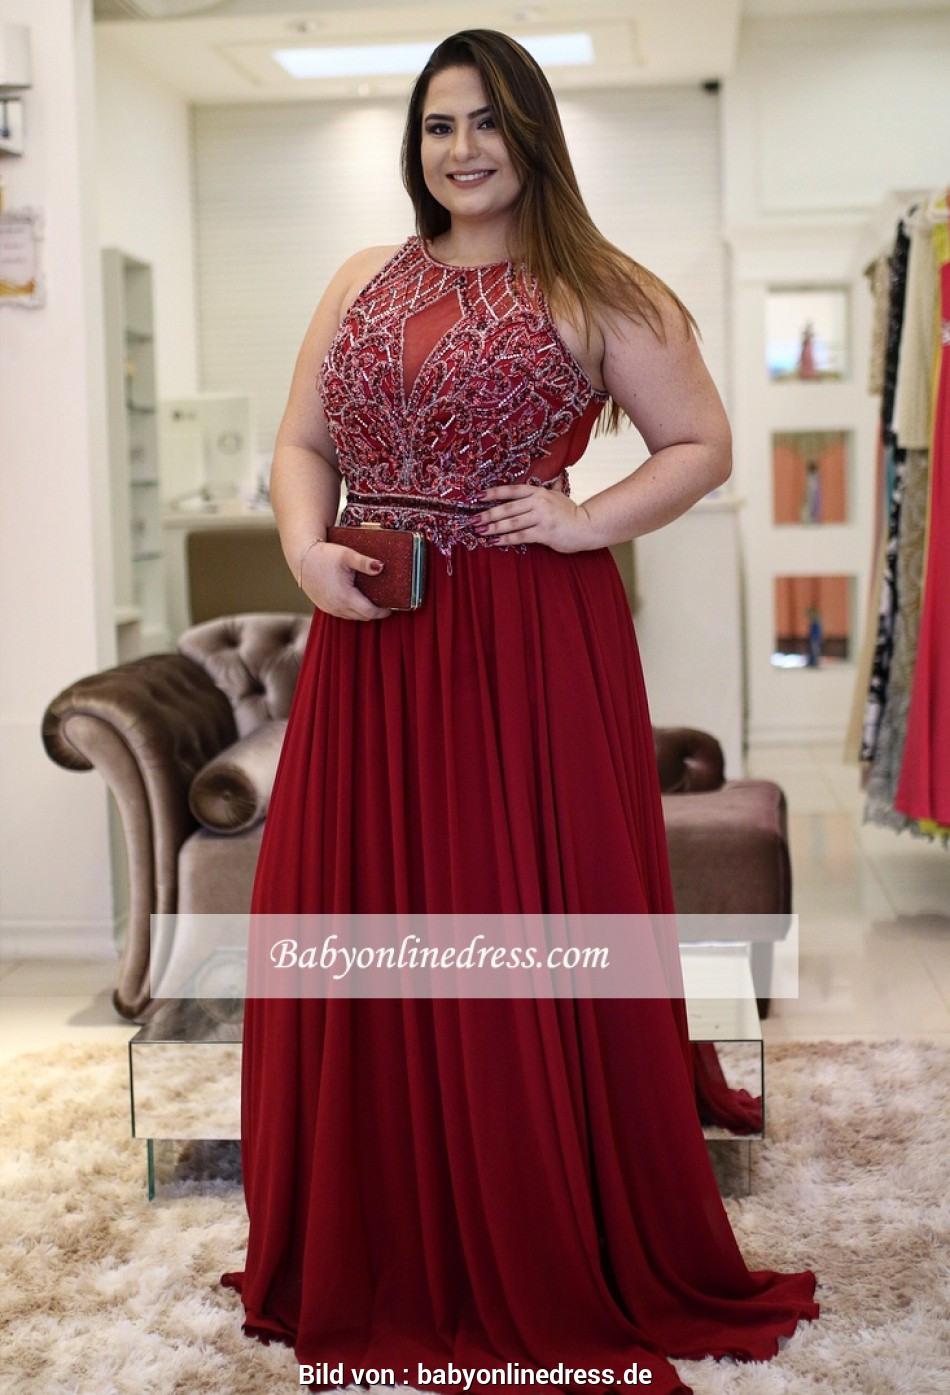 16 Luxus Abendkleid In Übergröße Ärmel - Abendkleid